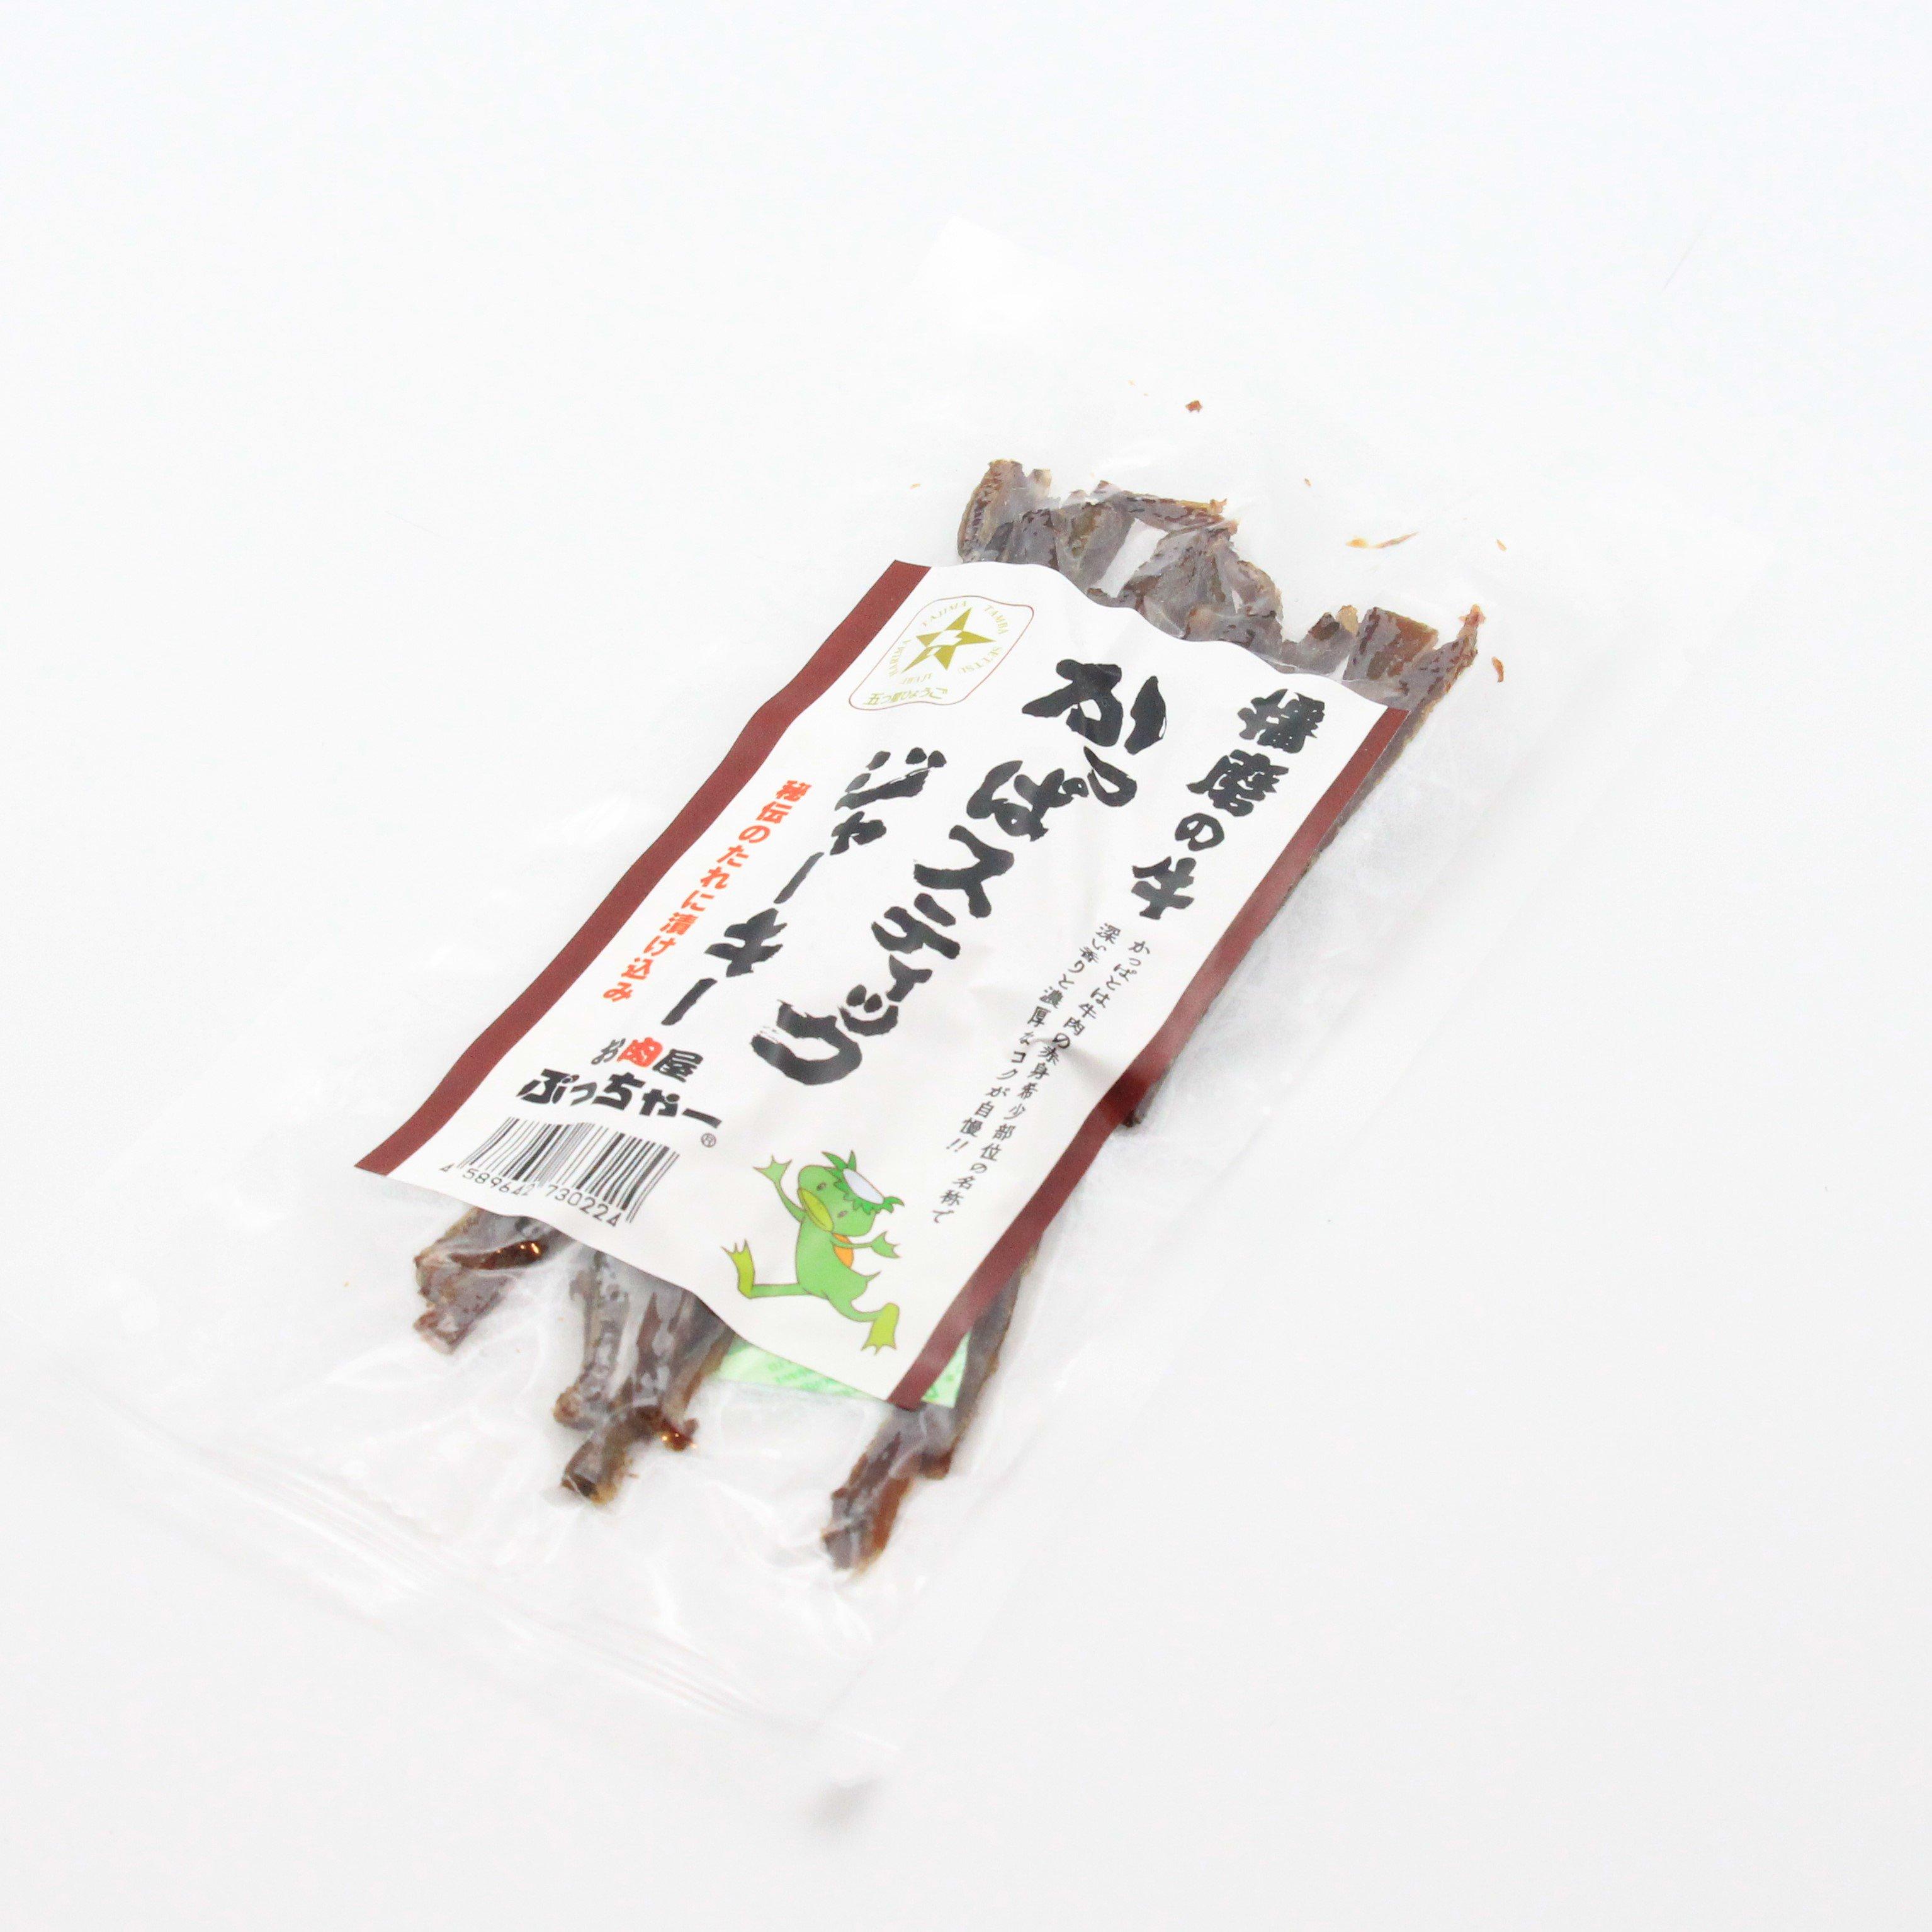 ぶっちゃー株式会社/播磨の牛 かっぱのスティックジャーキー(30g) 【五つ星ひょうご認定】